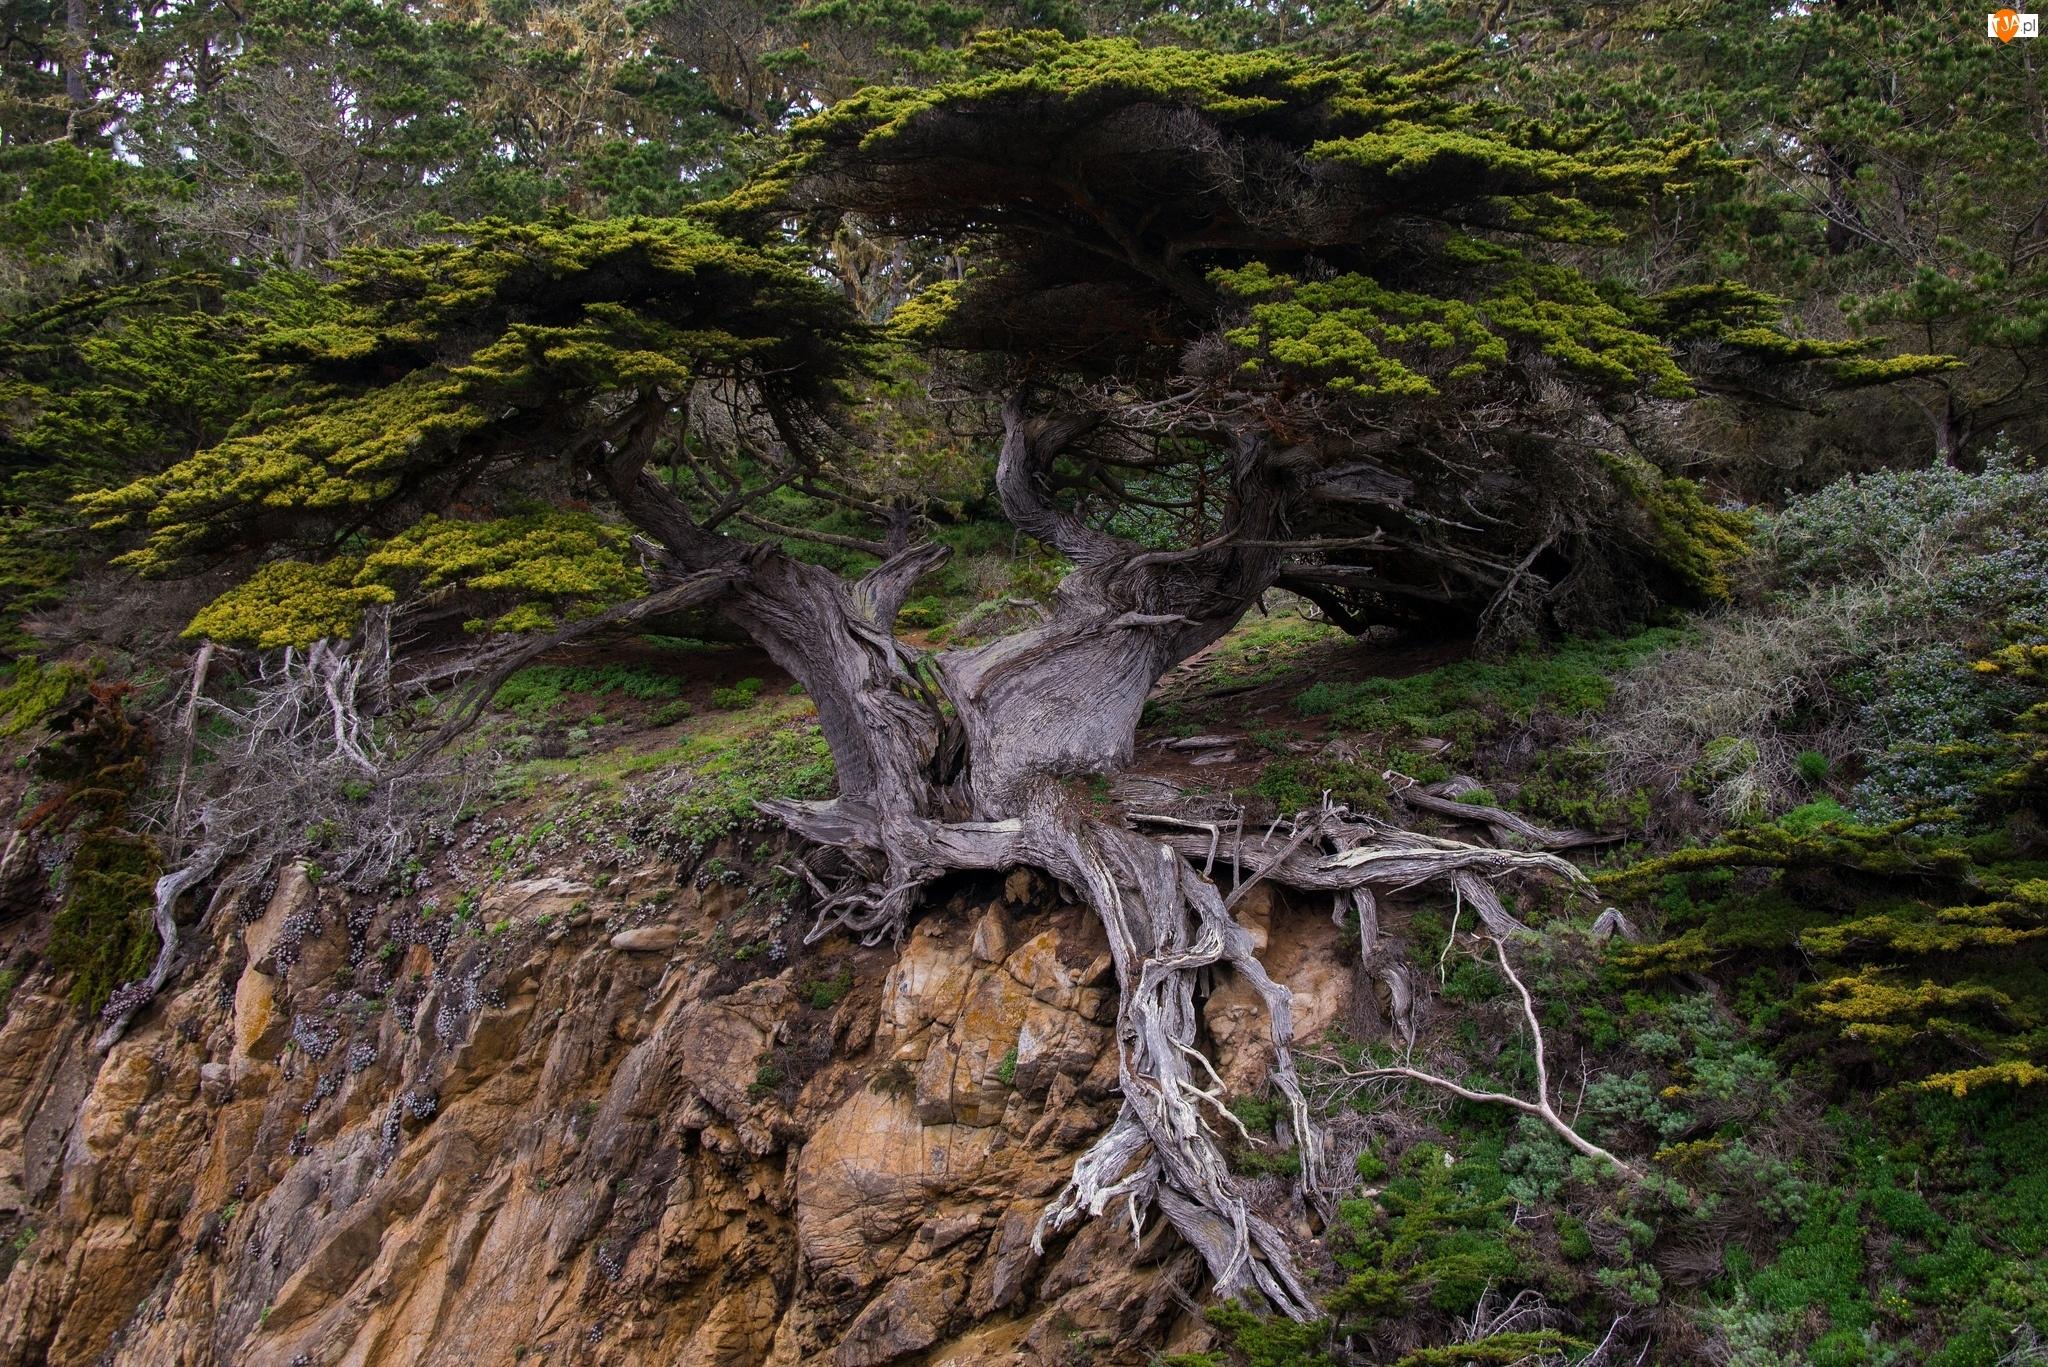 Korzenie, Urwisko, Drzewo